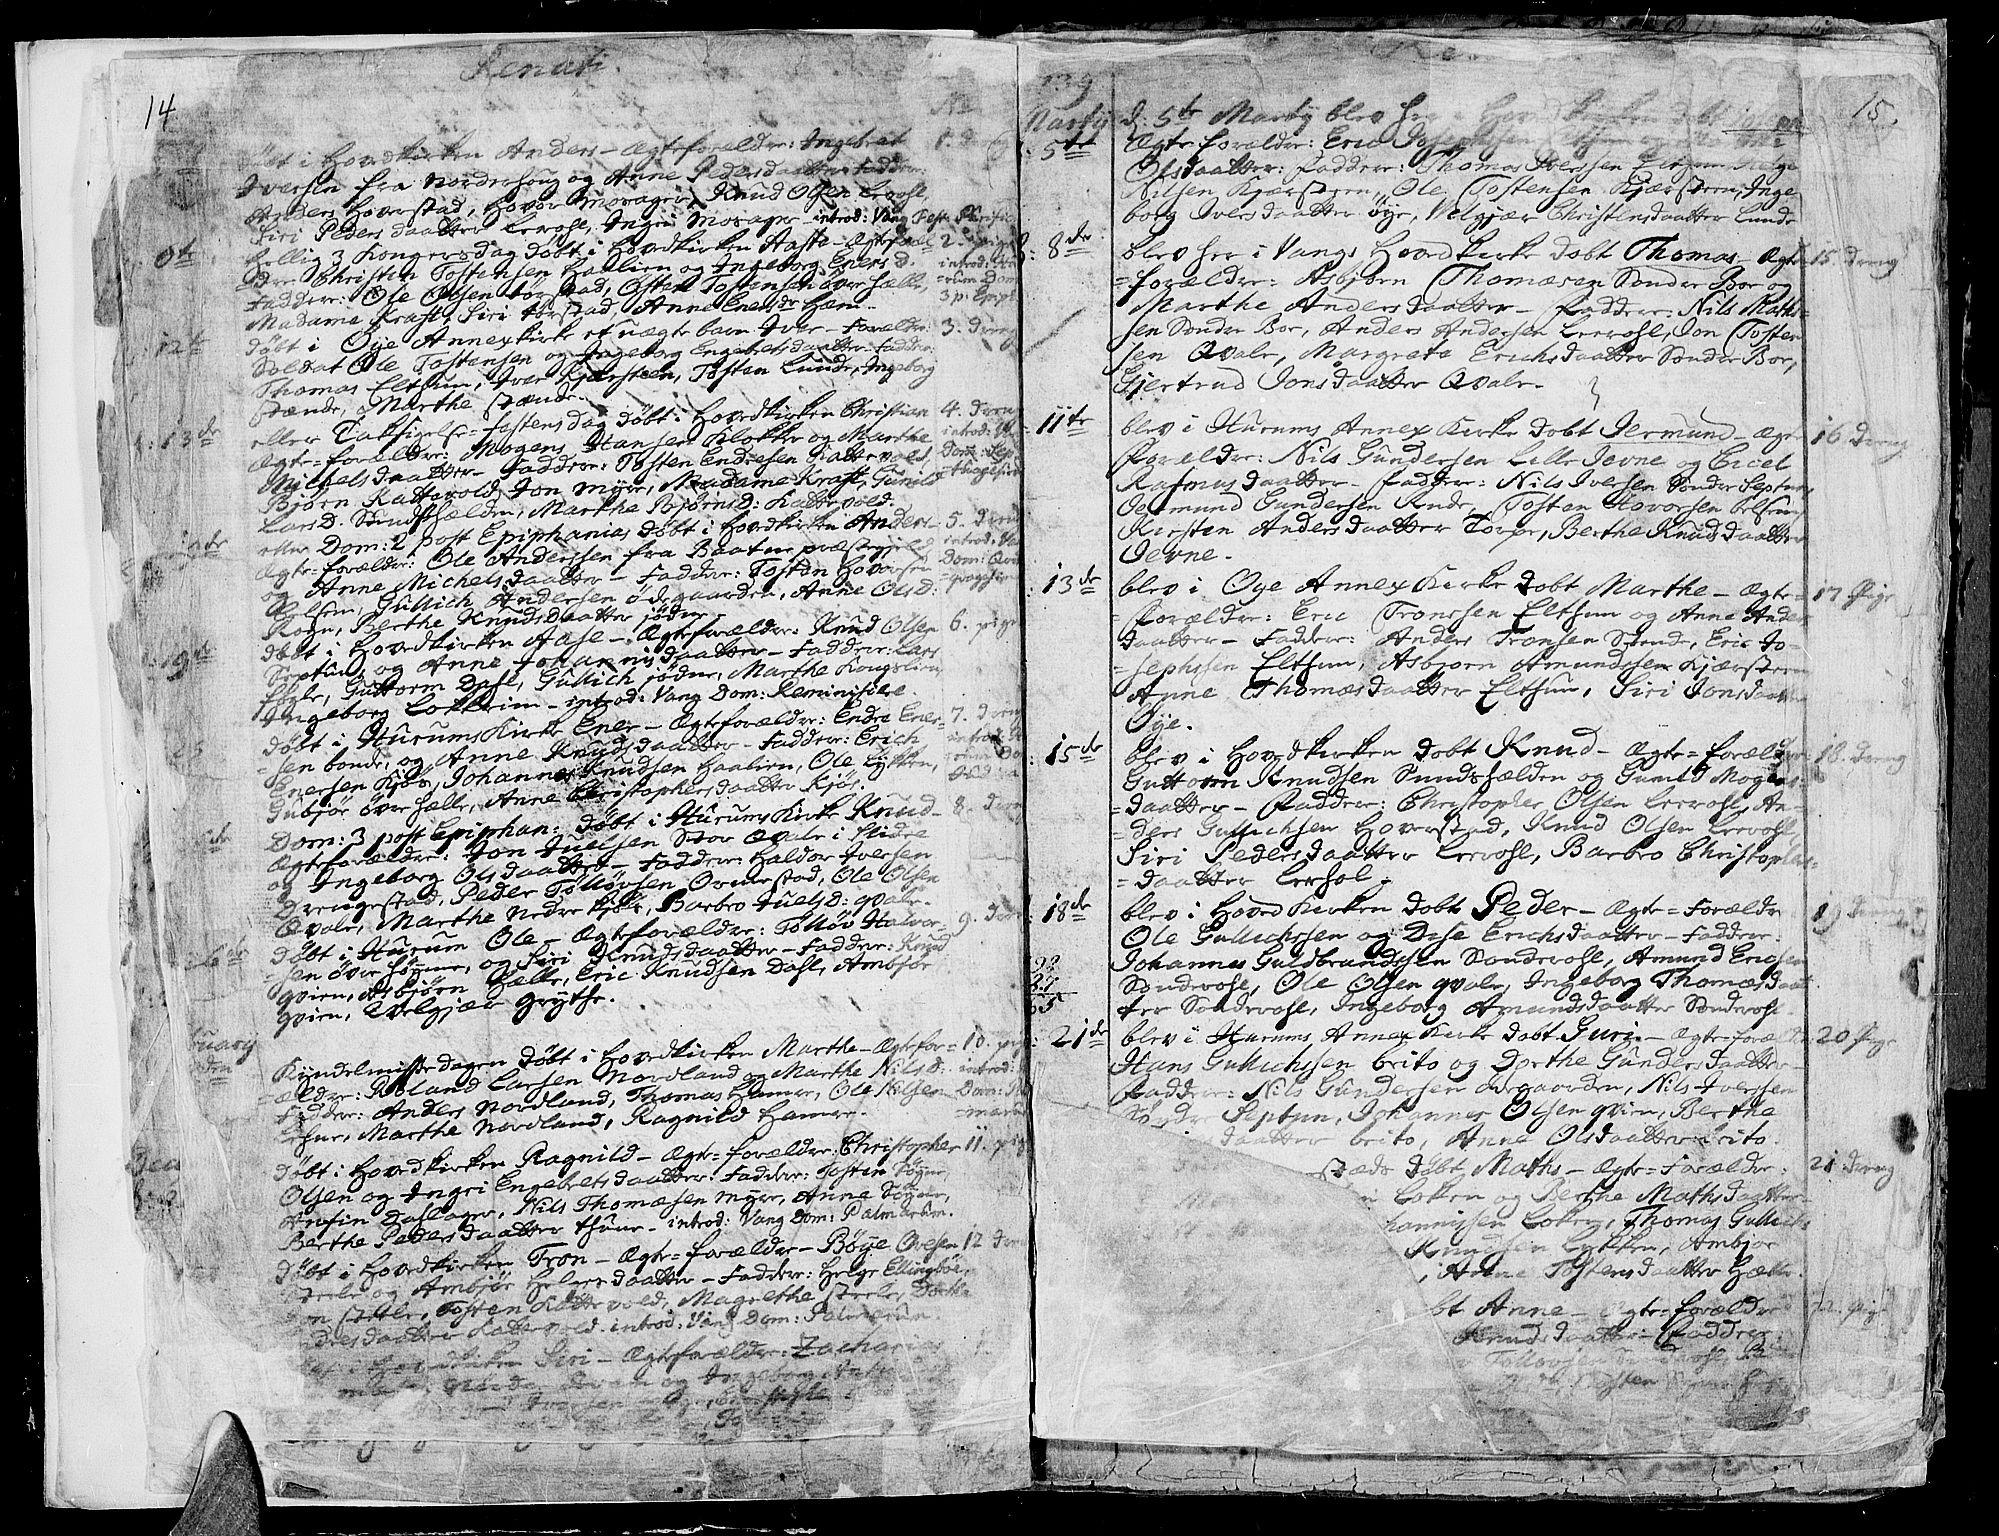 SAH, Vang prestekontor, Valdres, Ministerialbok nr. 1, 1730-1796, s. 14-15